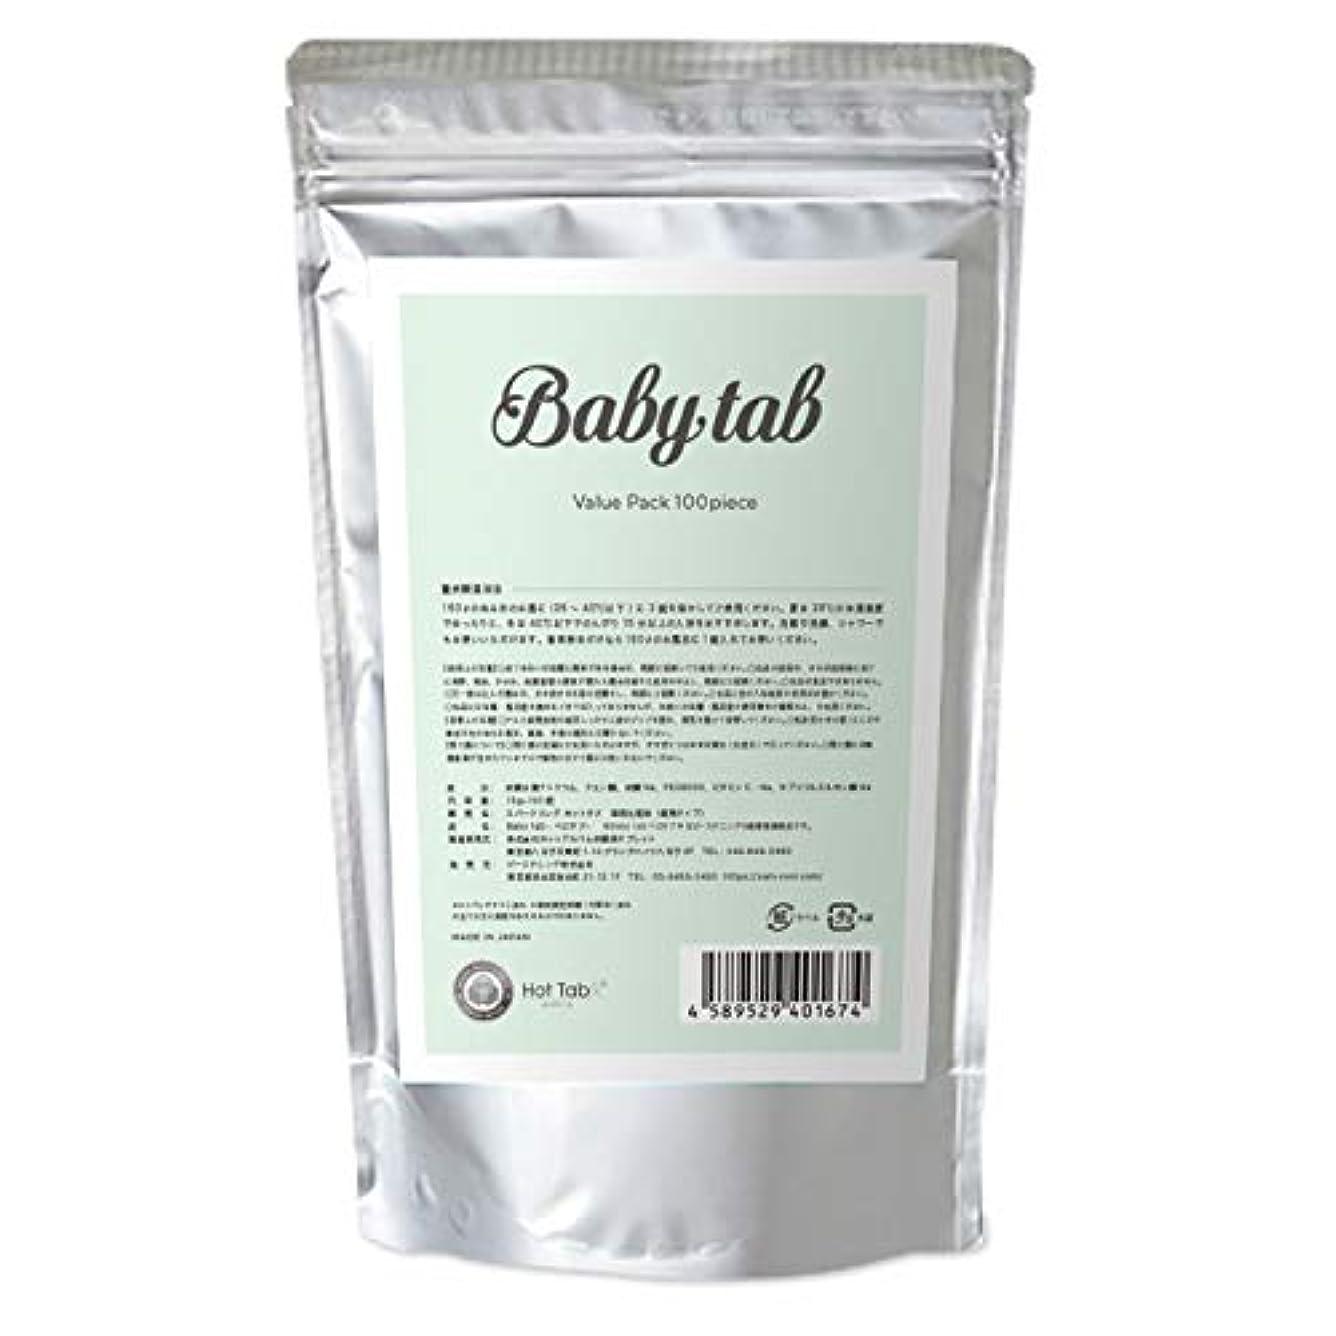 重要な悪夢建設ベビタブ【Babytab】重炭酸 中性 入浴剤 沐浴剤 100錠入り(無添加 無香料 保湿 乾燥肌 オーガニック 塩素除去)赤ちゃんから使える